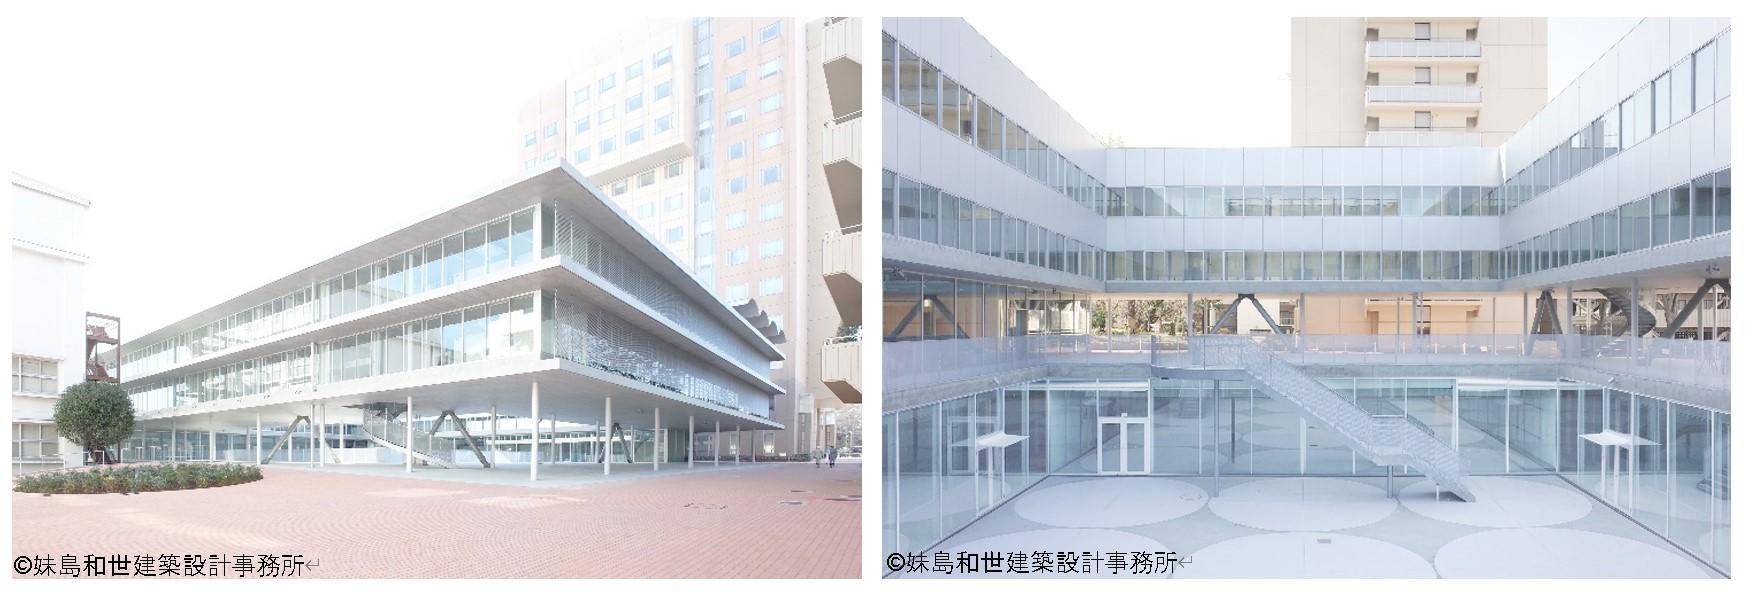 日本女子大学創立120周年事業「目白の森のキャンパス」グランドオープン -- 本学卒業の建築家・妹島和世氏がキャンパス全体を初デザイン